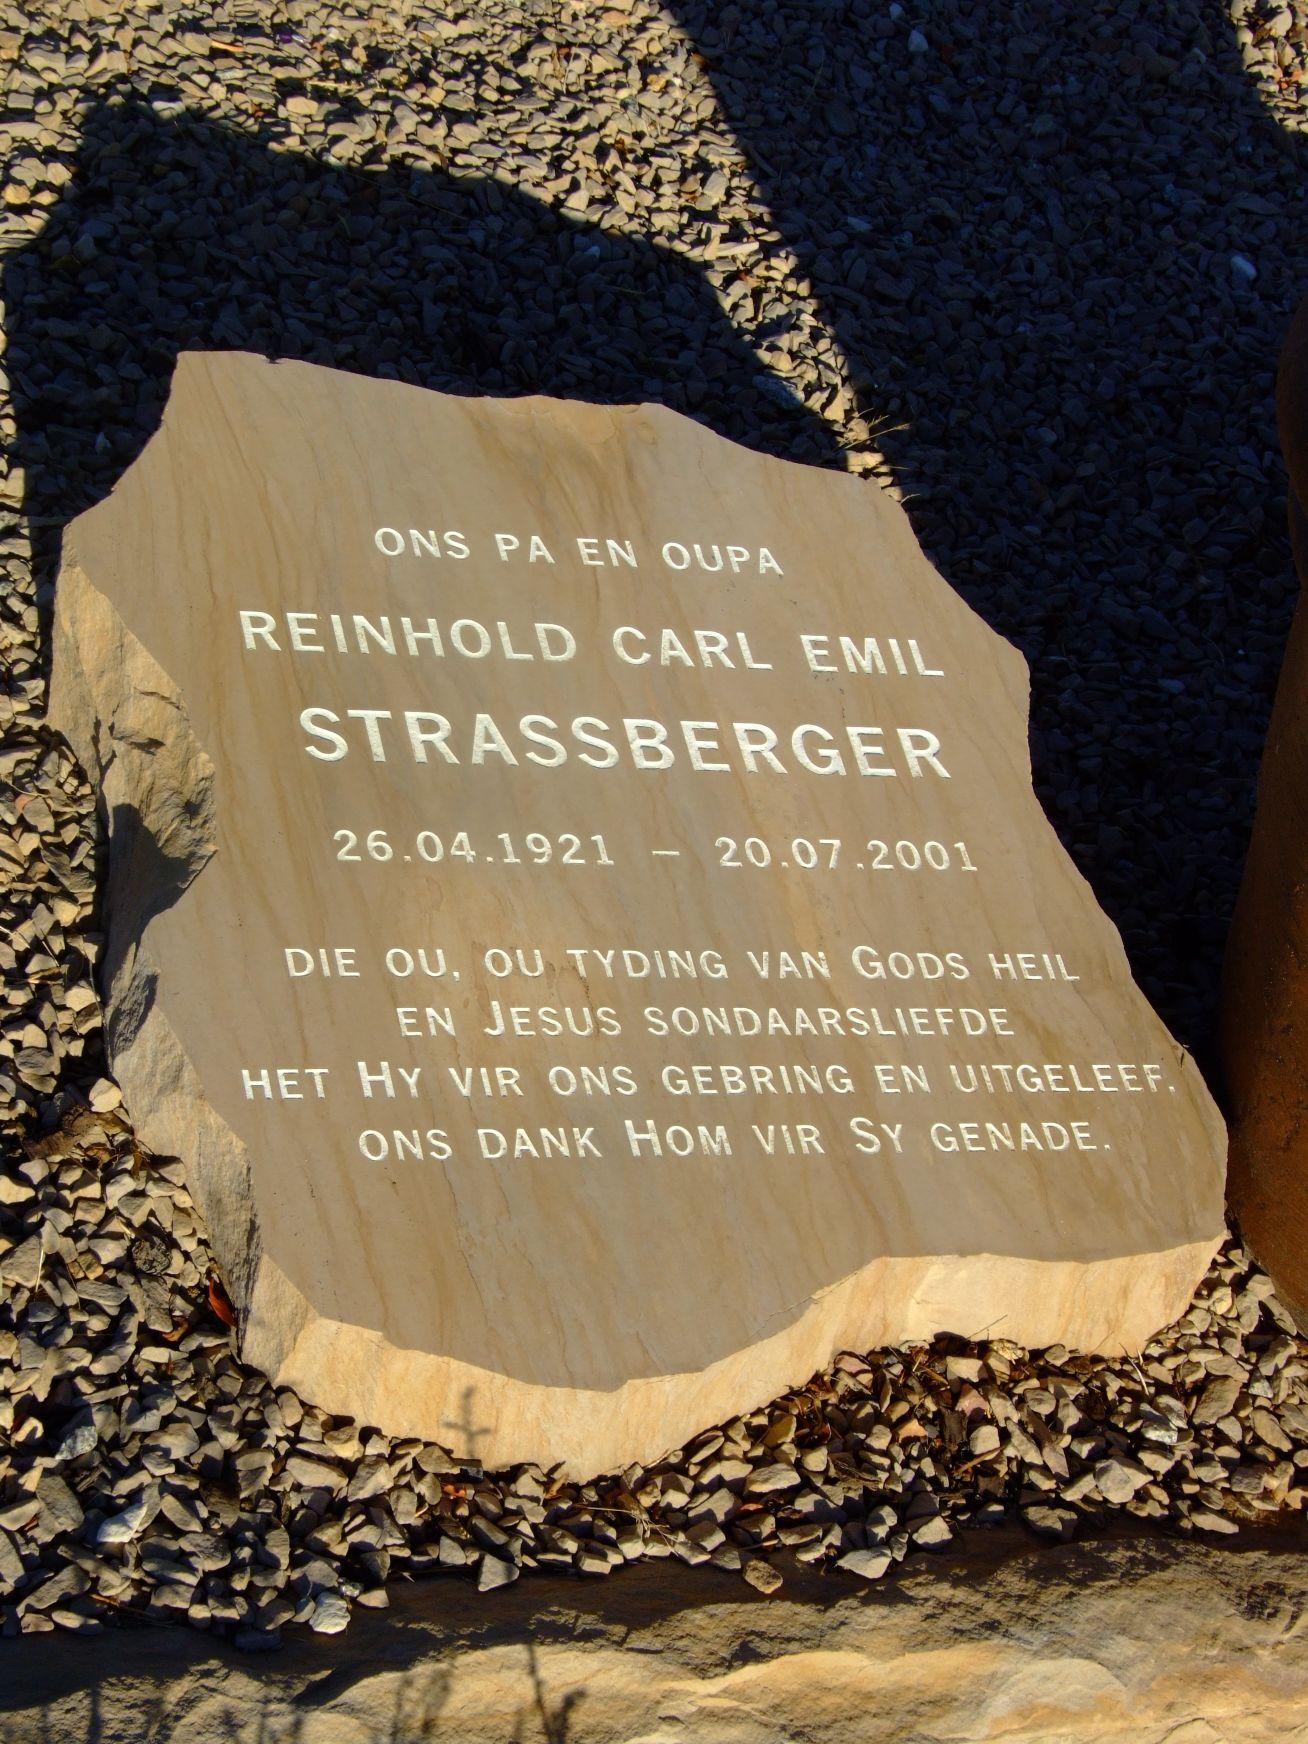 Strassberger, Reinhold Carl Emil